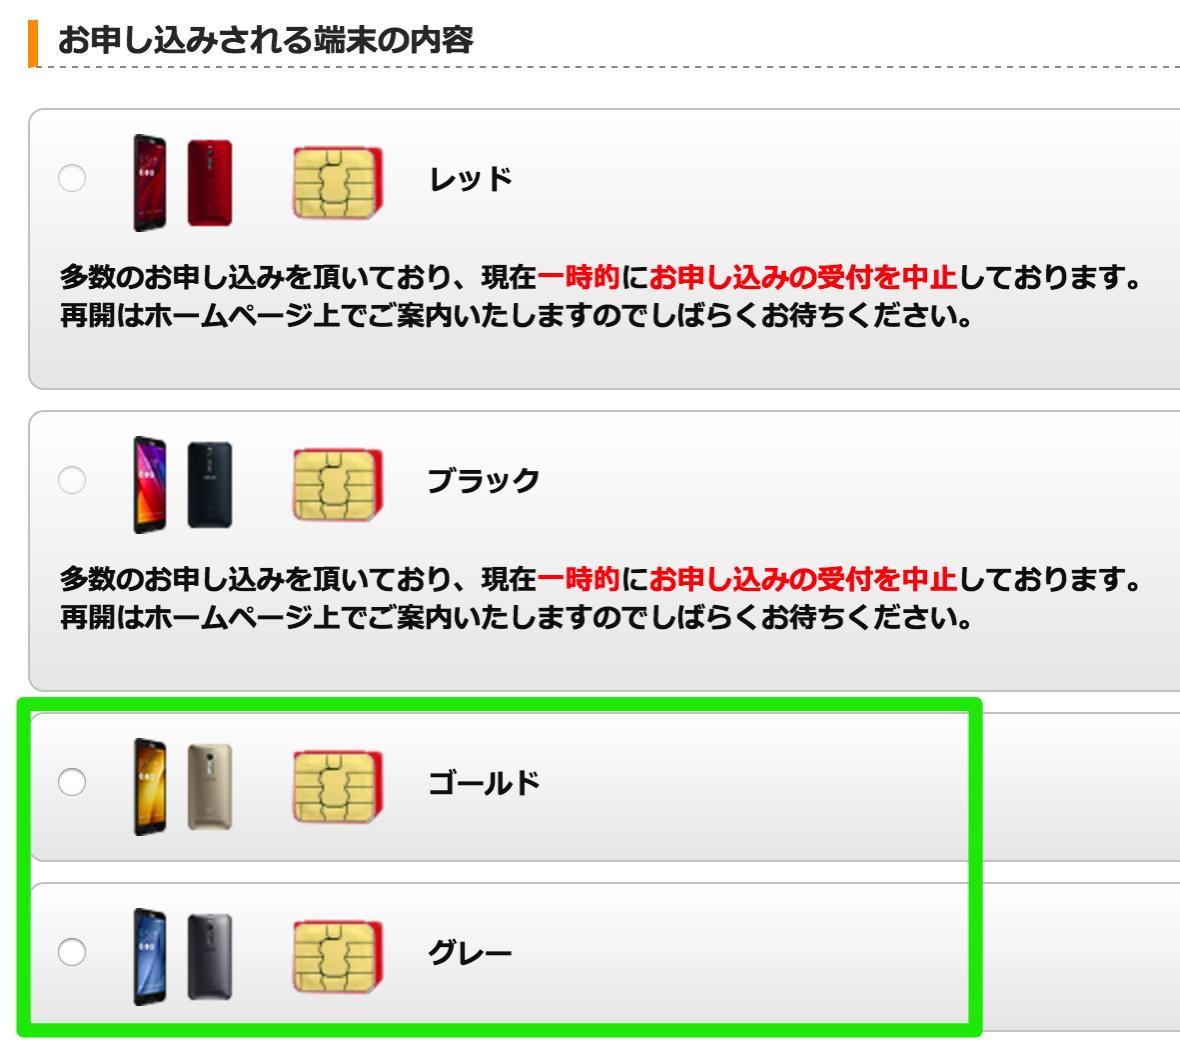 楽天モバイル、データ契約でも9,800円のZenFone 2 RAM4GBオンライン在庫は突発的に復活もすぐに完売